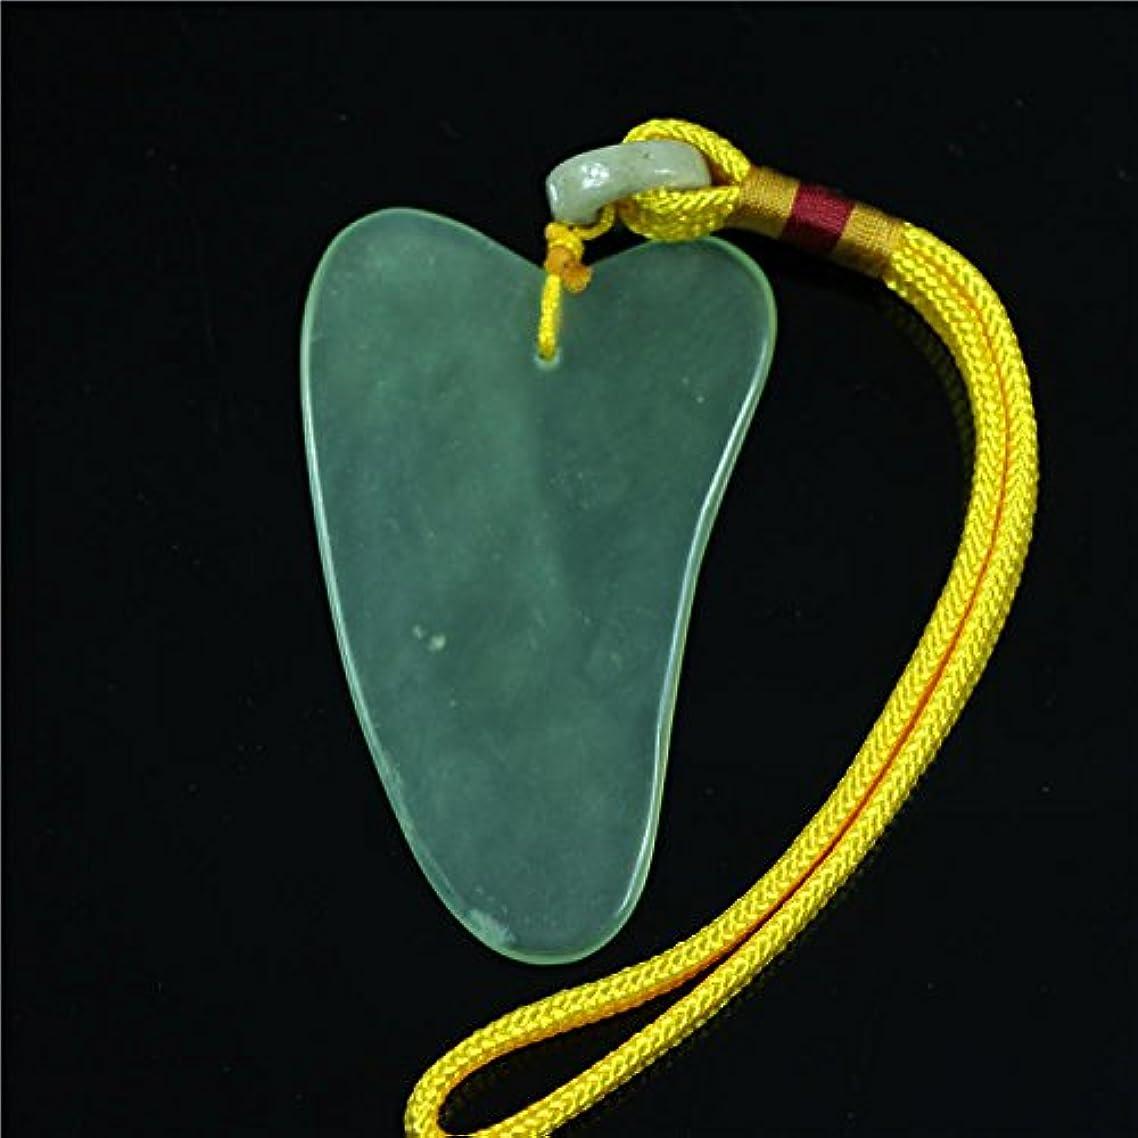 慣れるメーターあなたはFace / Body Massage Natural Jade Boardかっさプレート 天然石 翡翠(顔?ボディのリンパマッサージ) (かっさプレートH)